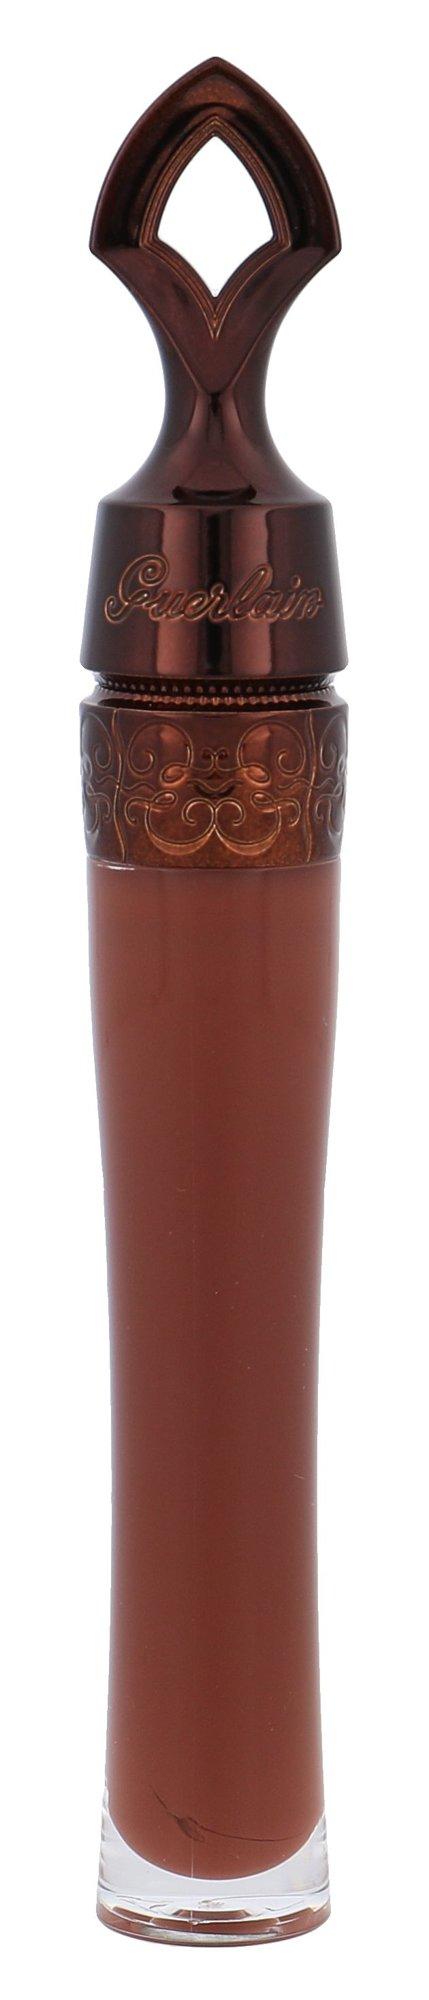 Guerlain Terracotta Cosmetic 5ml 11 Porto Ercole